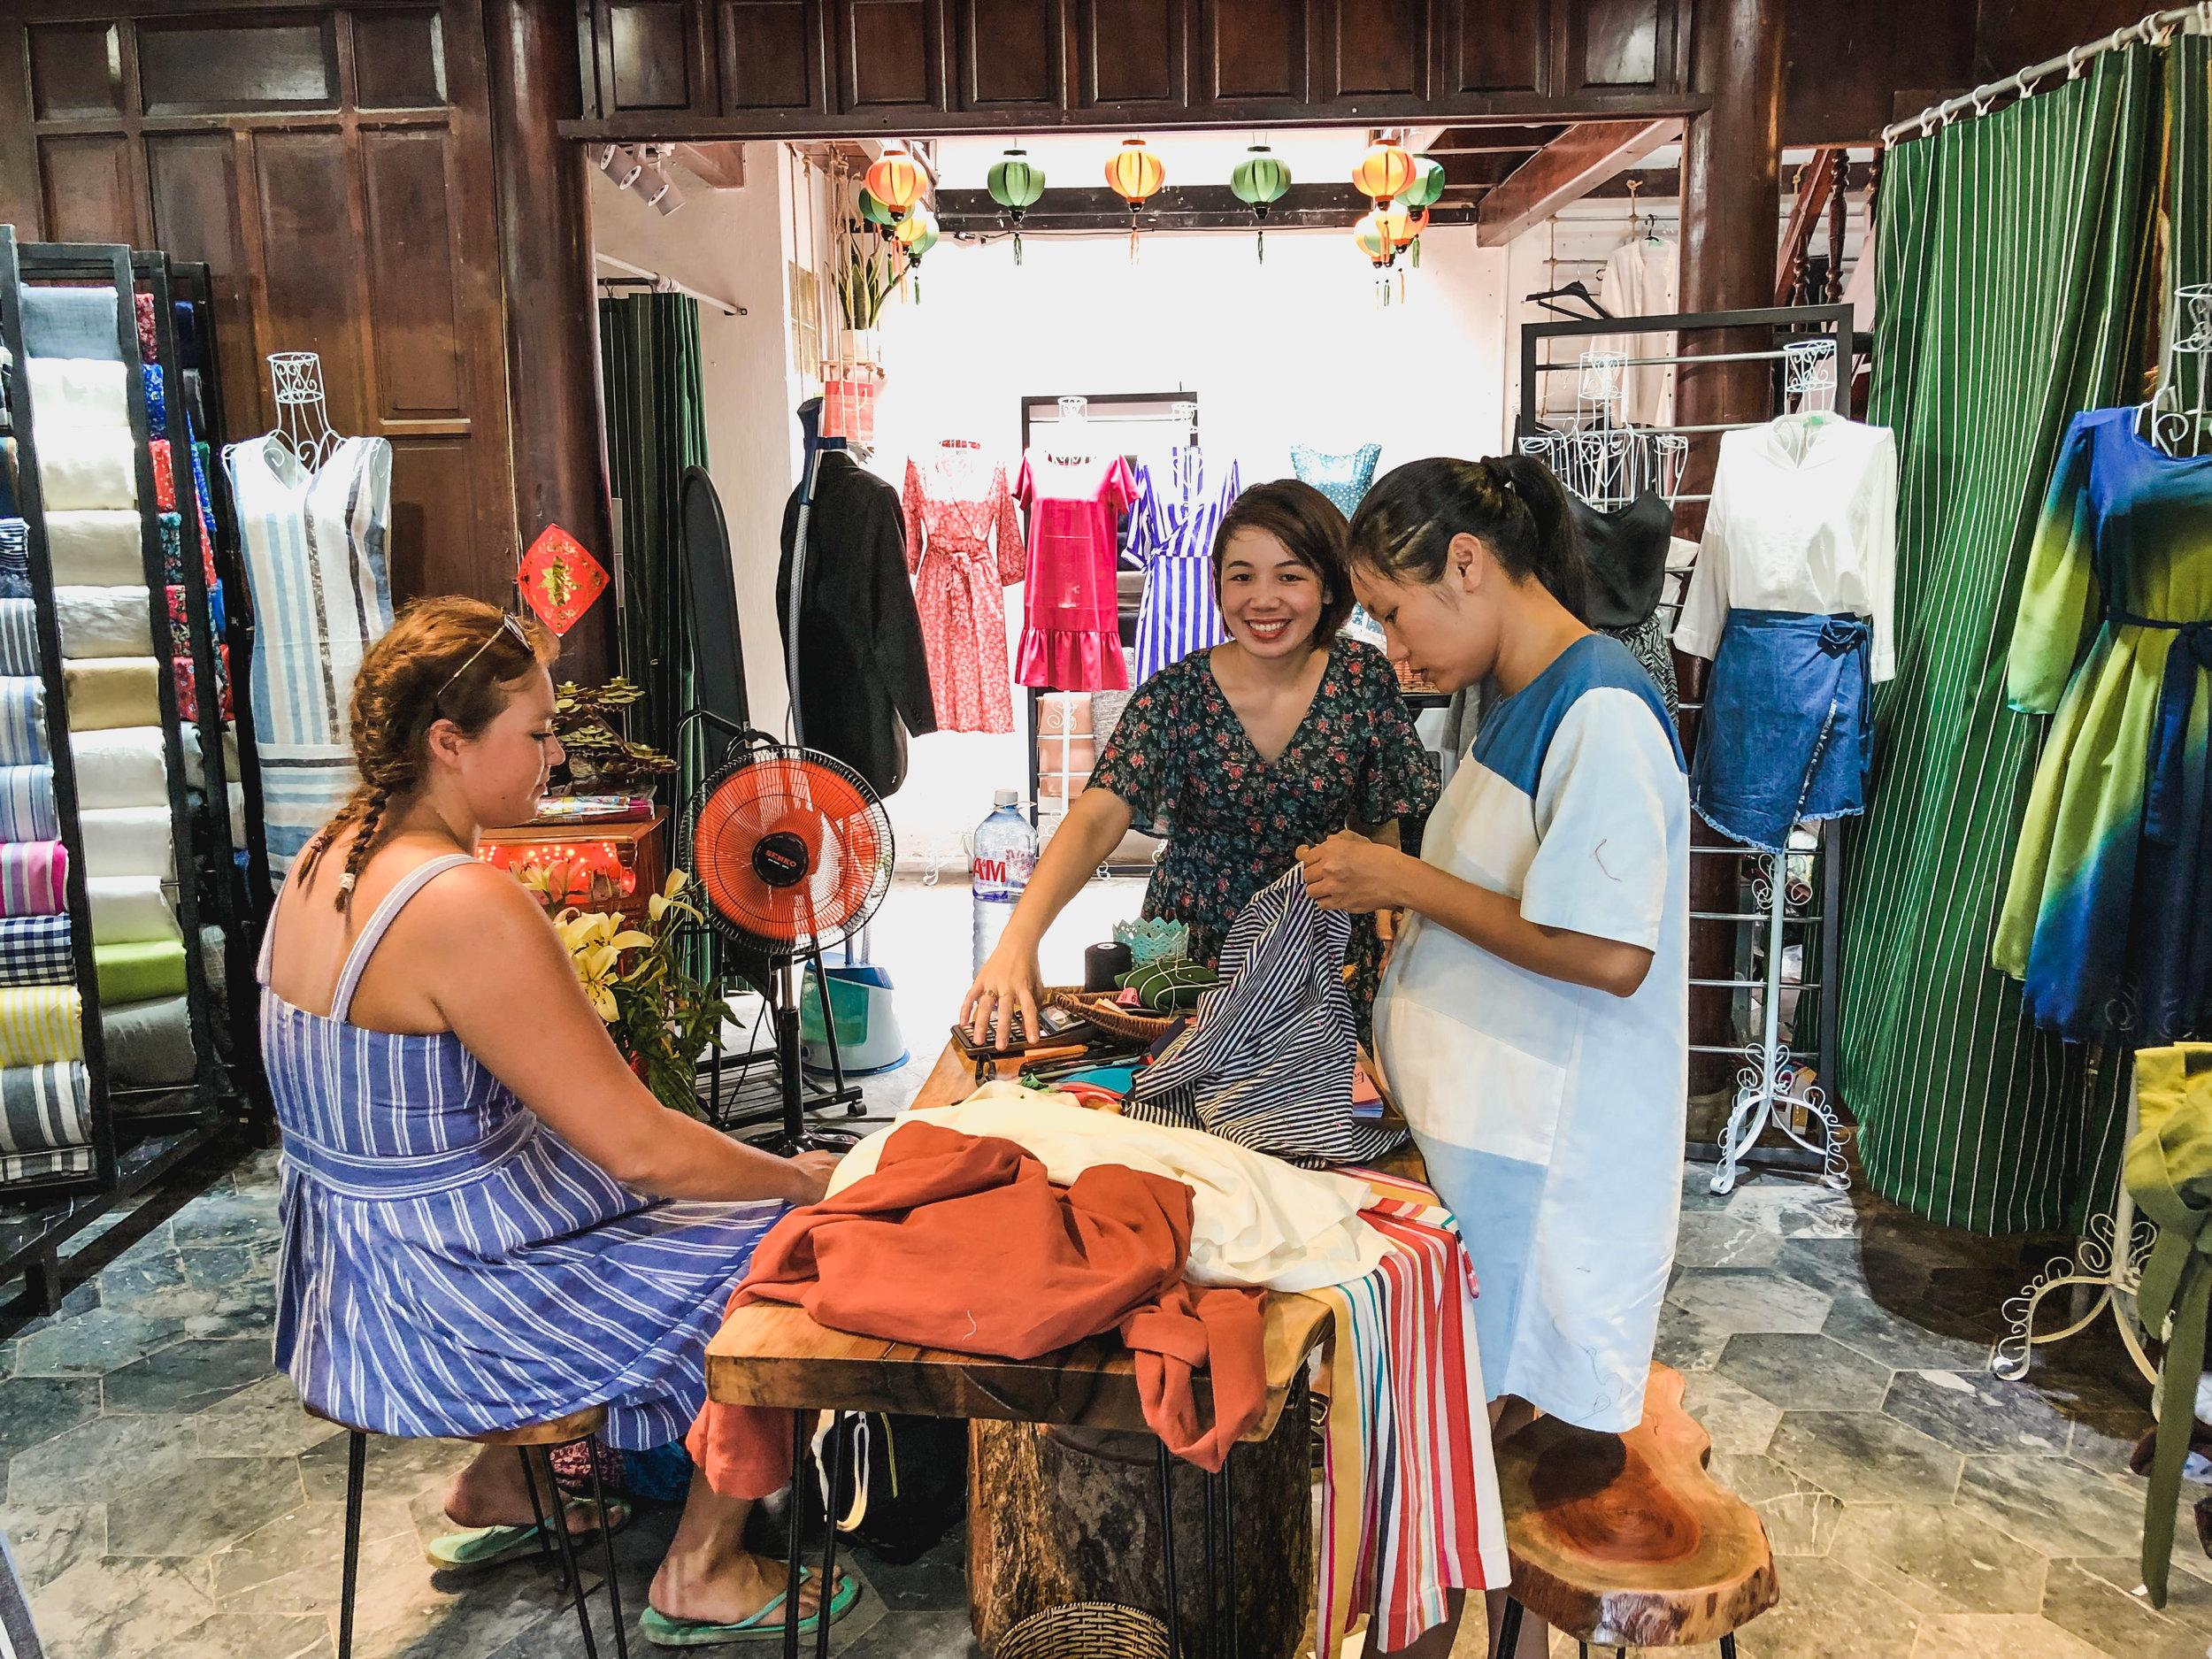 The inside of Gian Don Izi linen tailor shop